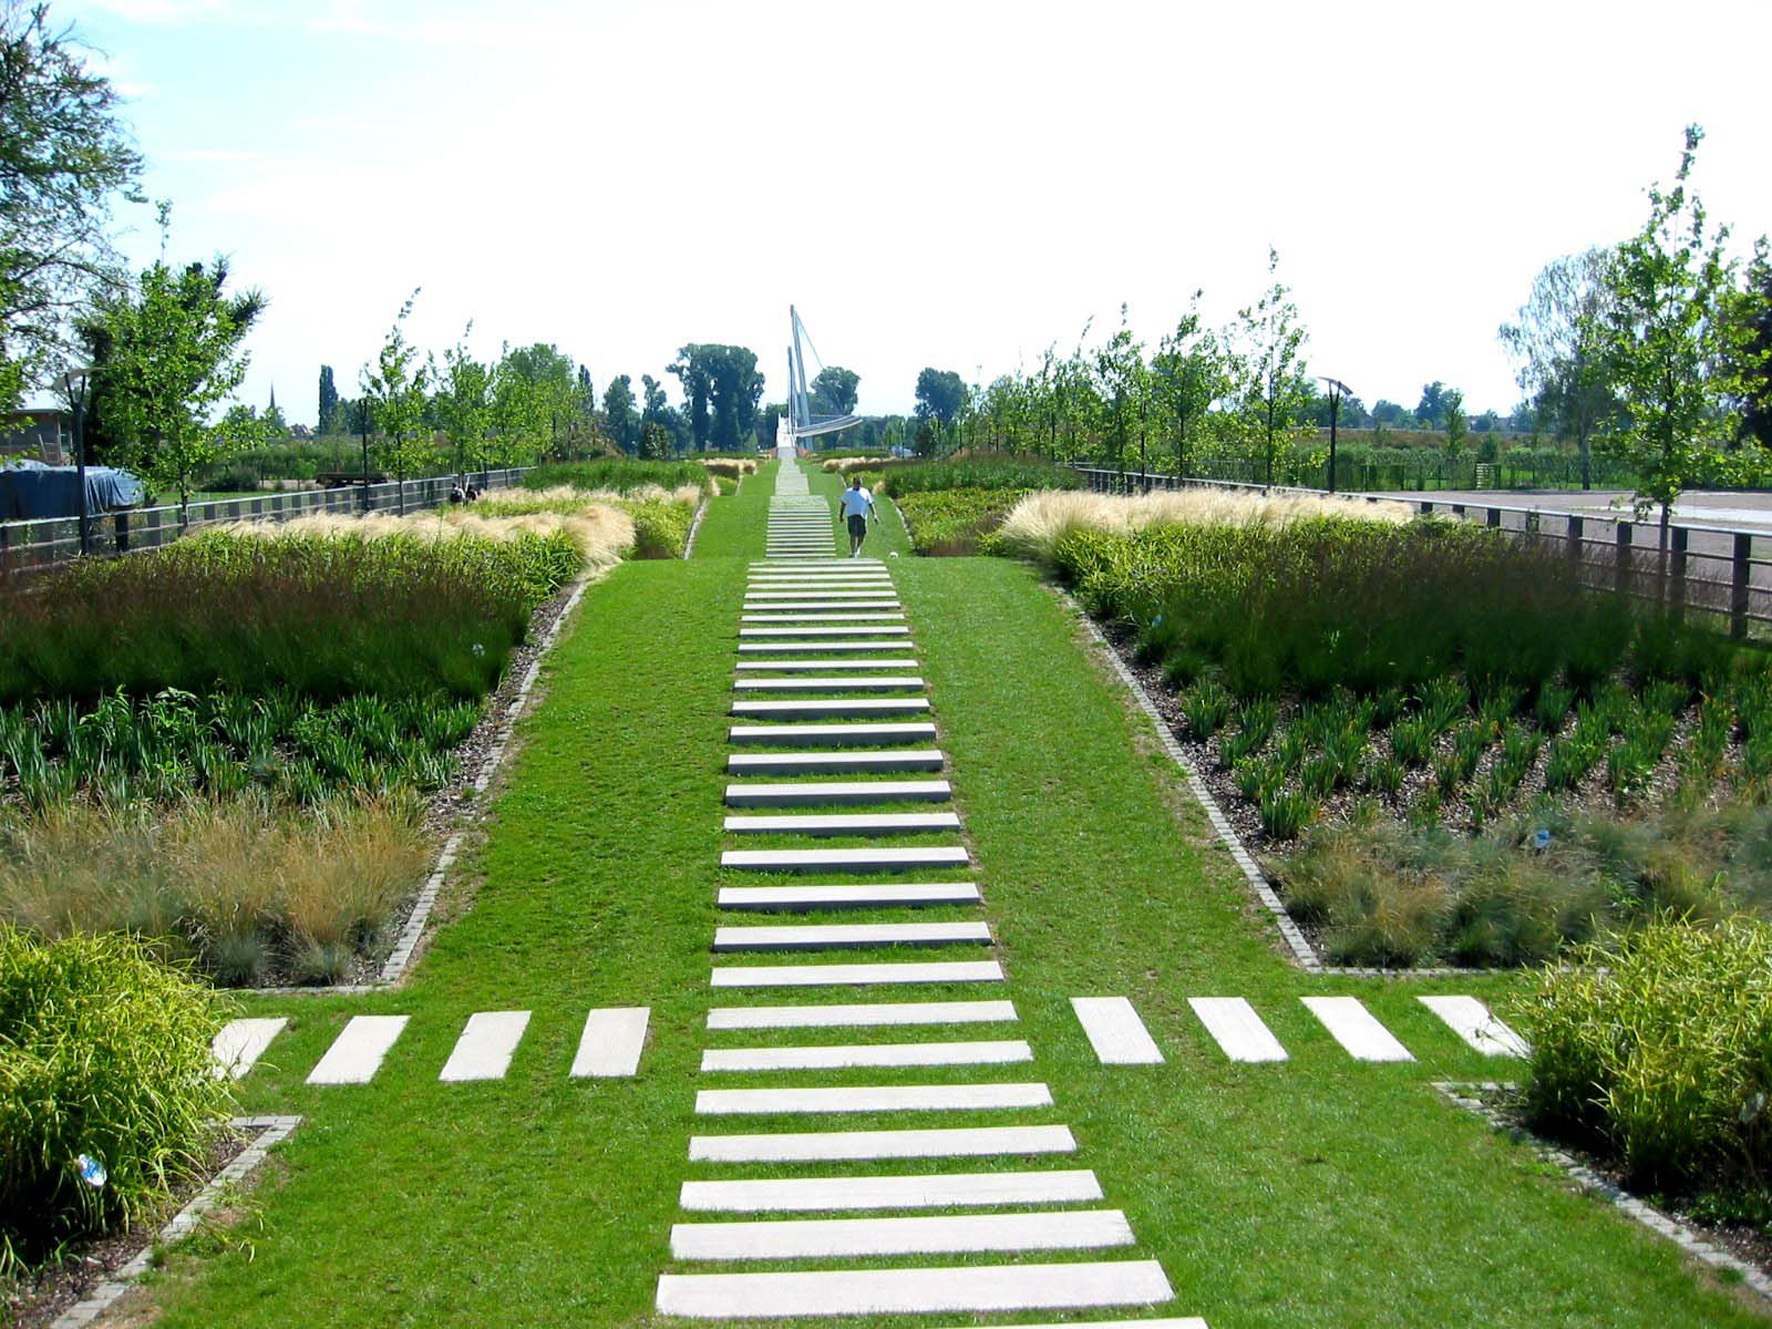 Jardin des deux rives for A jardin